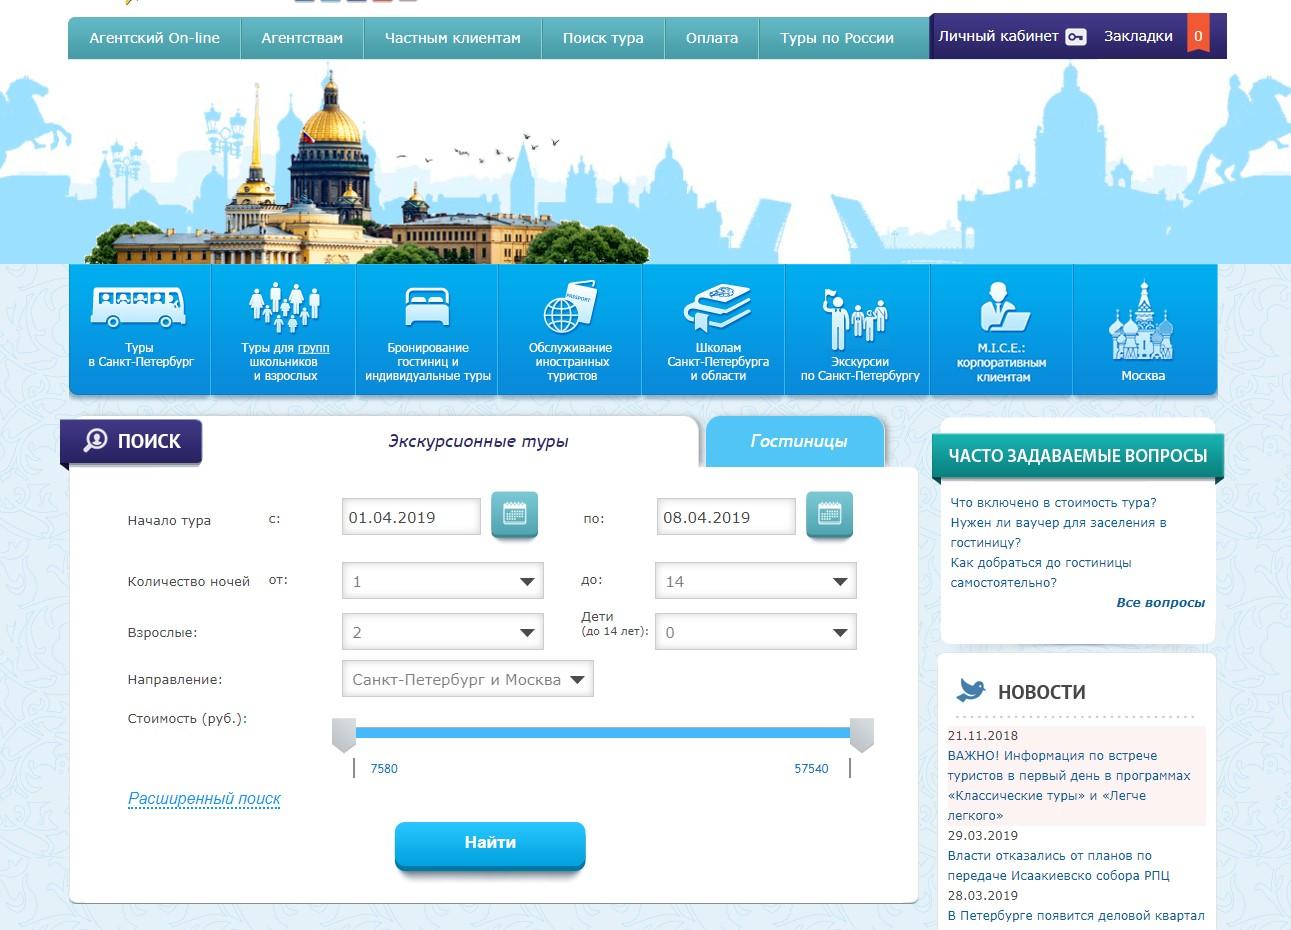 Выбор экскурсионных туров на сайте турагенства